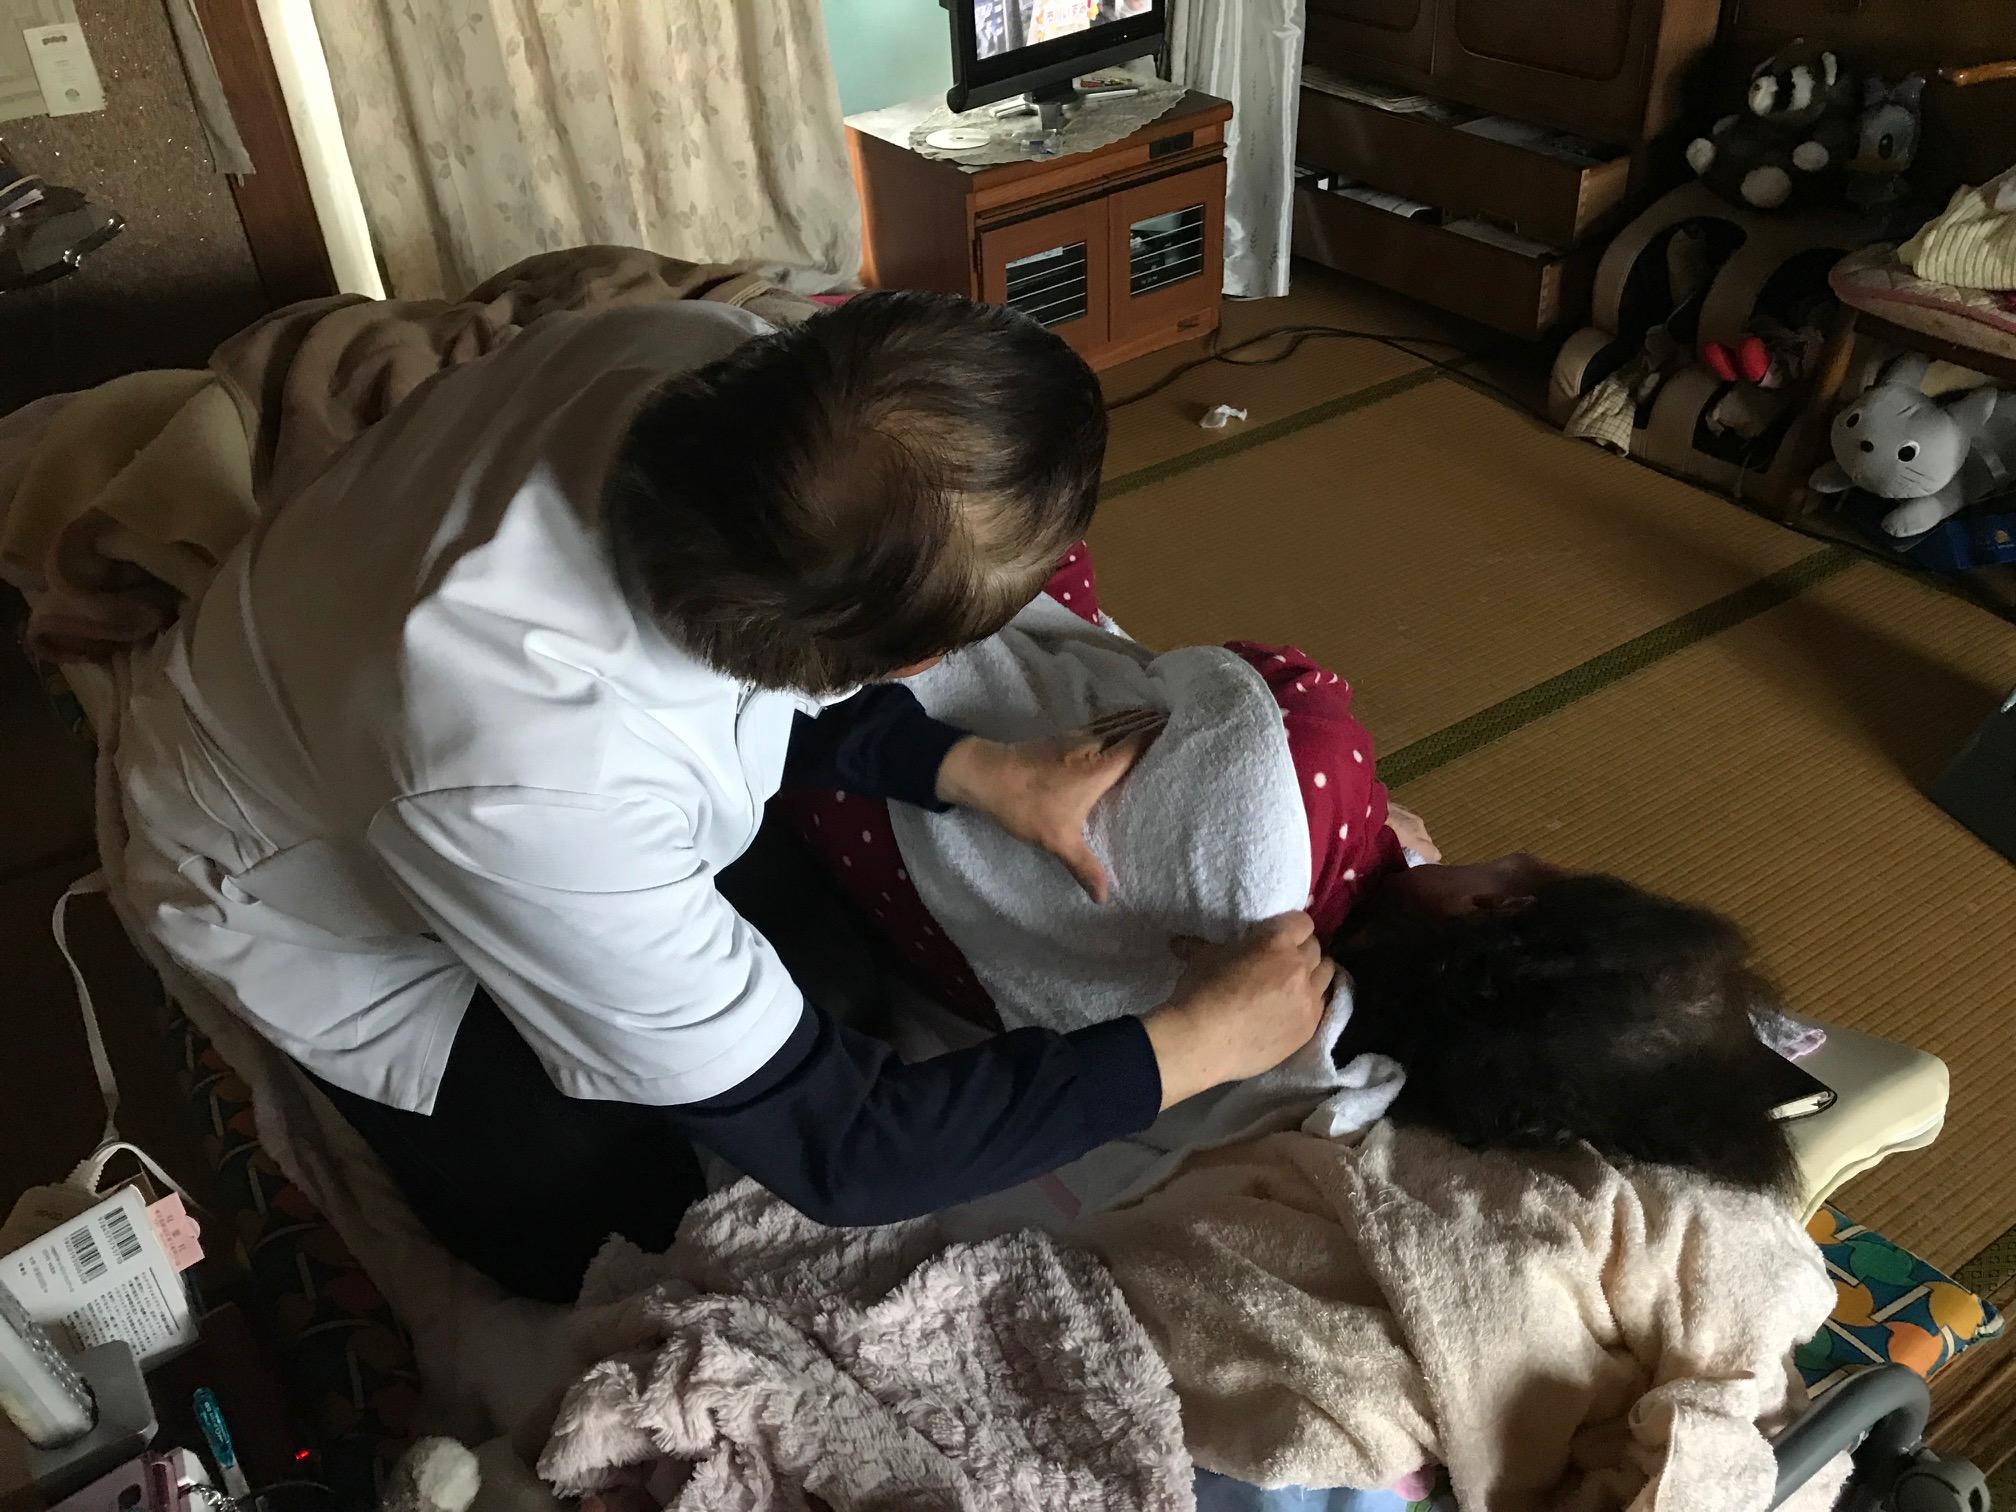 らいふマッサージ治療院 泉大津店2